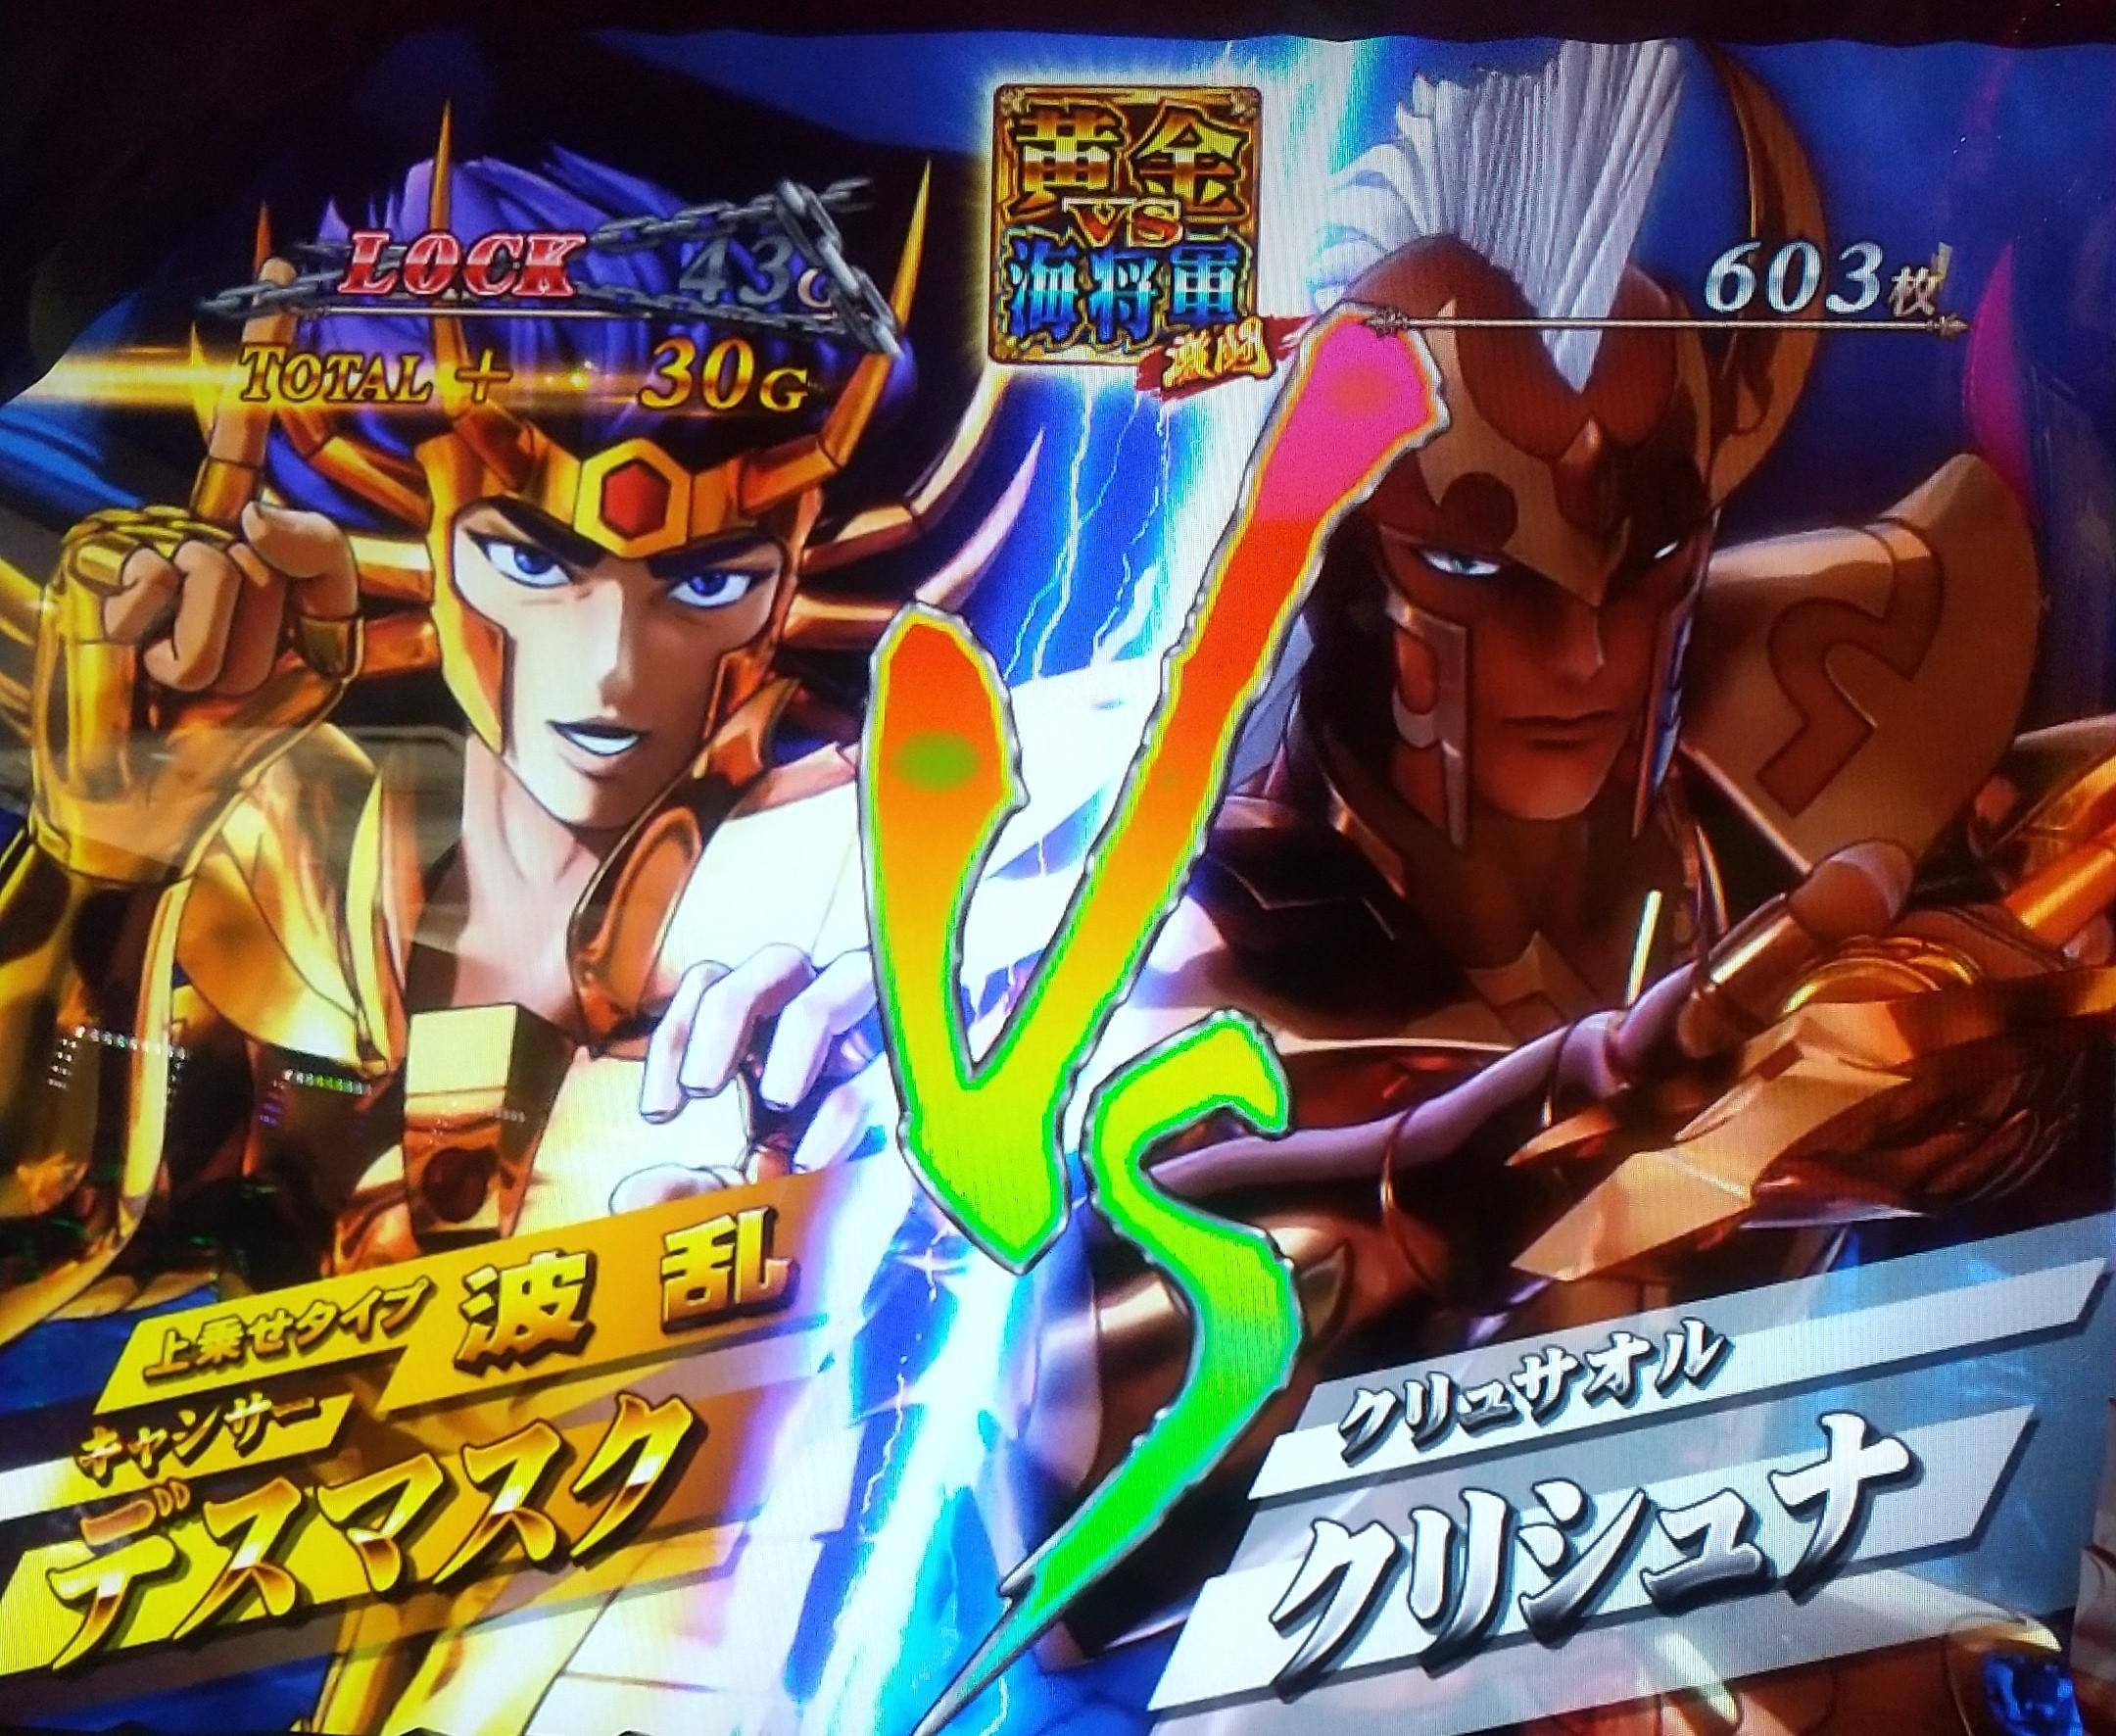 聖闘士星矢海皇覚醒リセット狙いで4000枚以上出した後、吉宗3の恐らくだけど設定4と思われる台を終日打ちました。